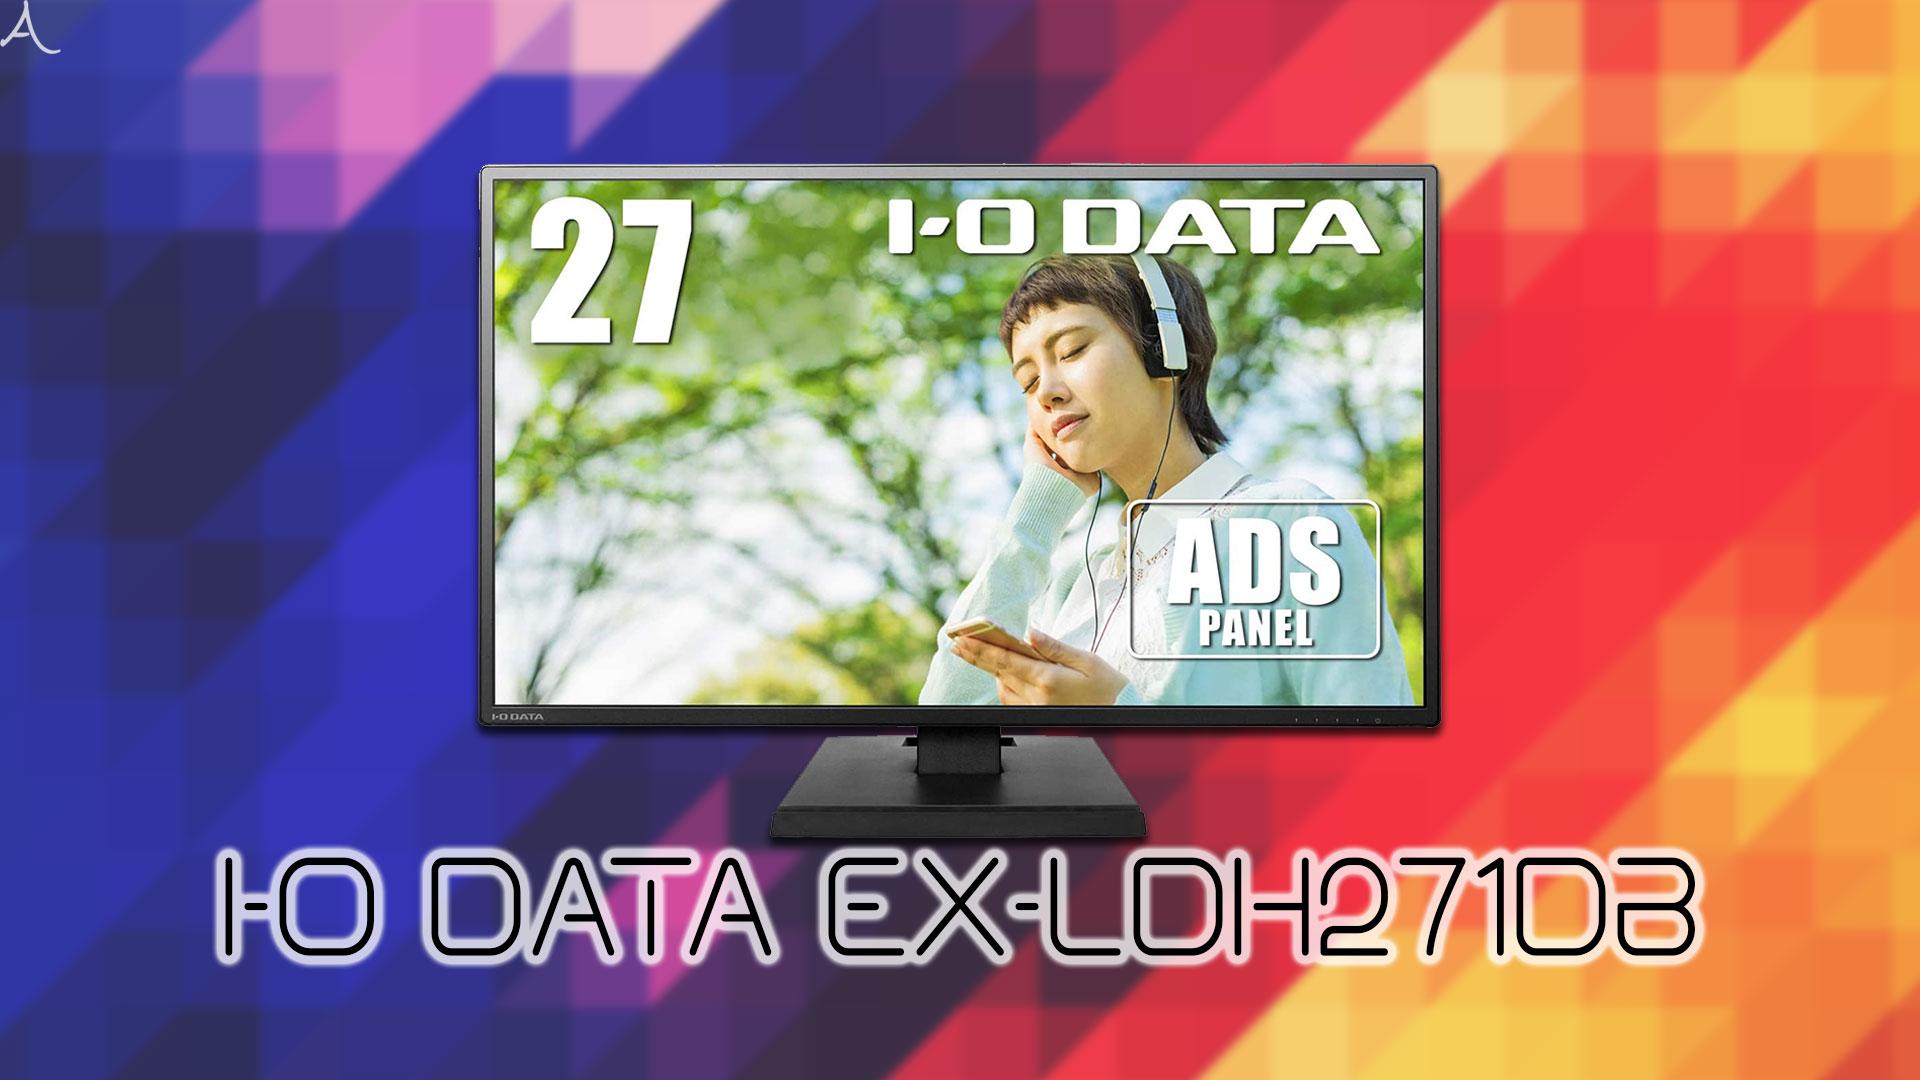 「IODATA EX-LDH271DB」ってモニターアーム使えるの?VESAサイズやおすすめアームはどれ?